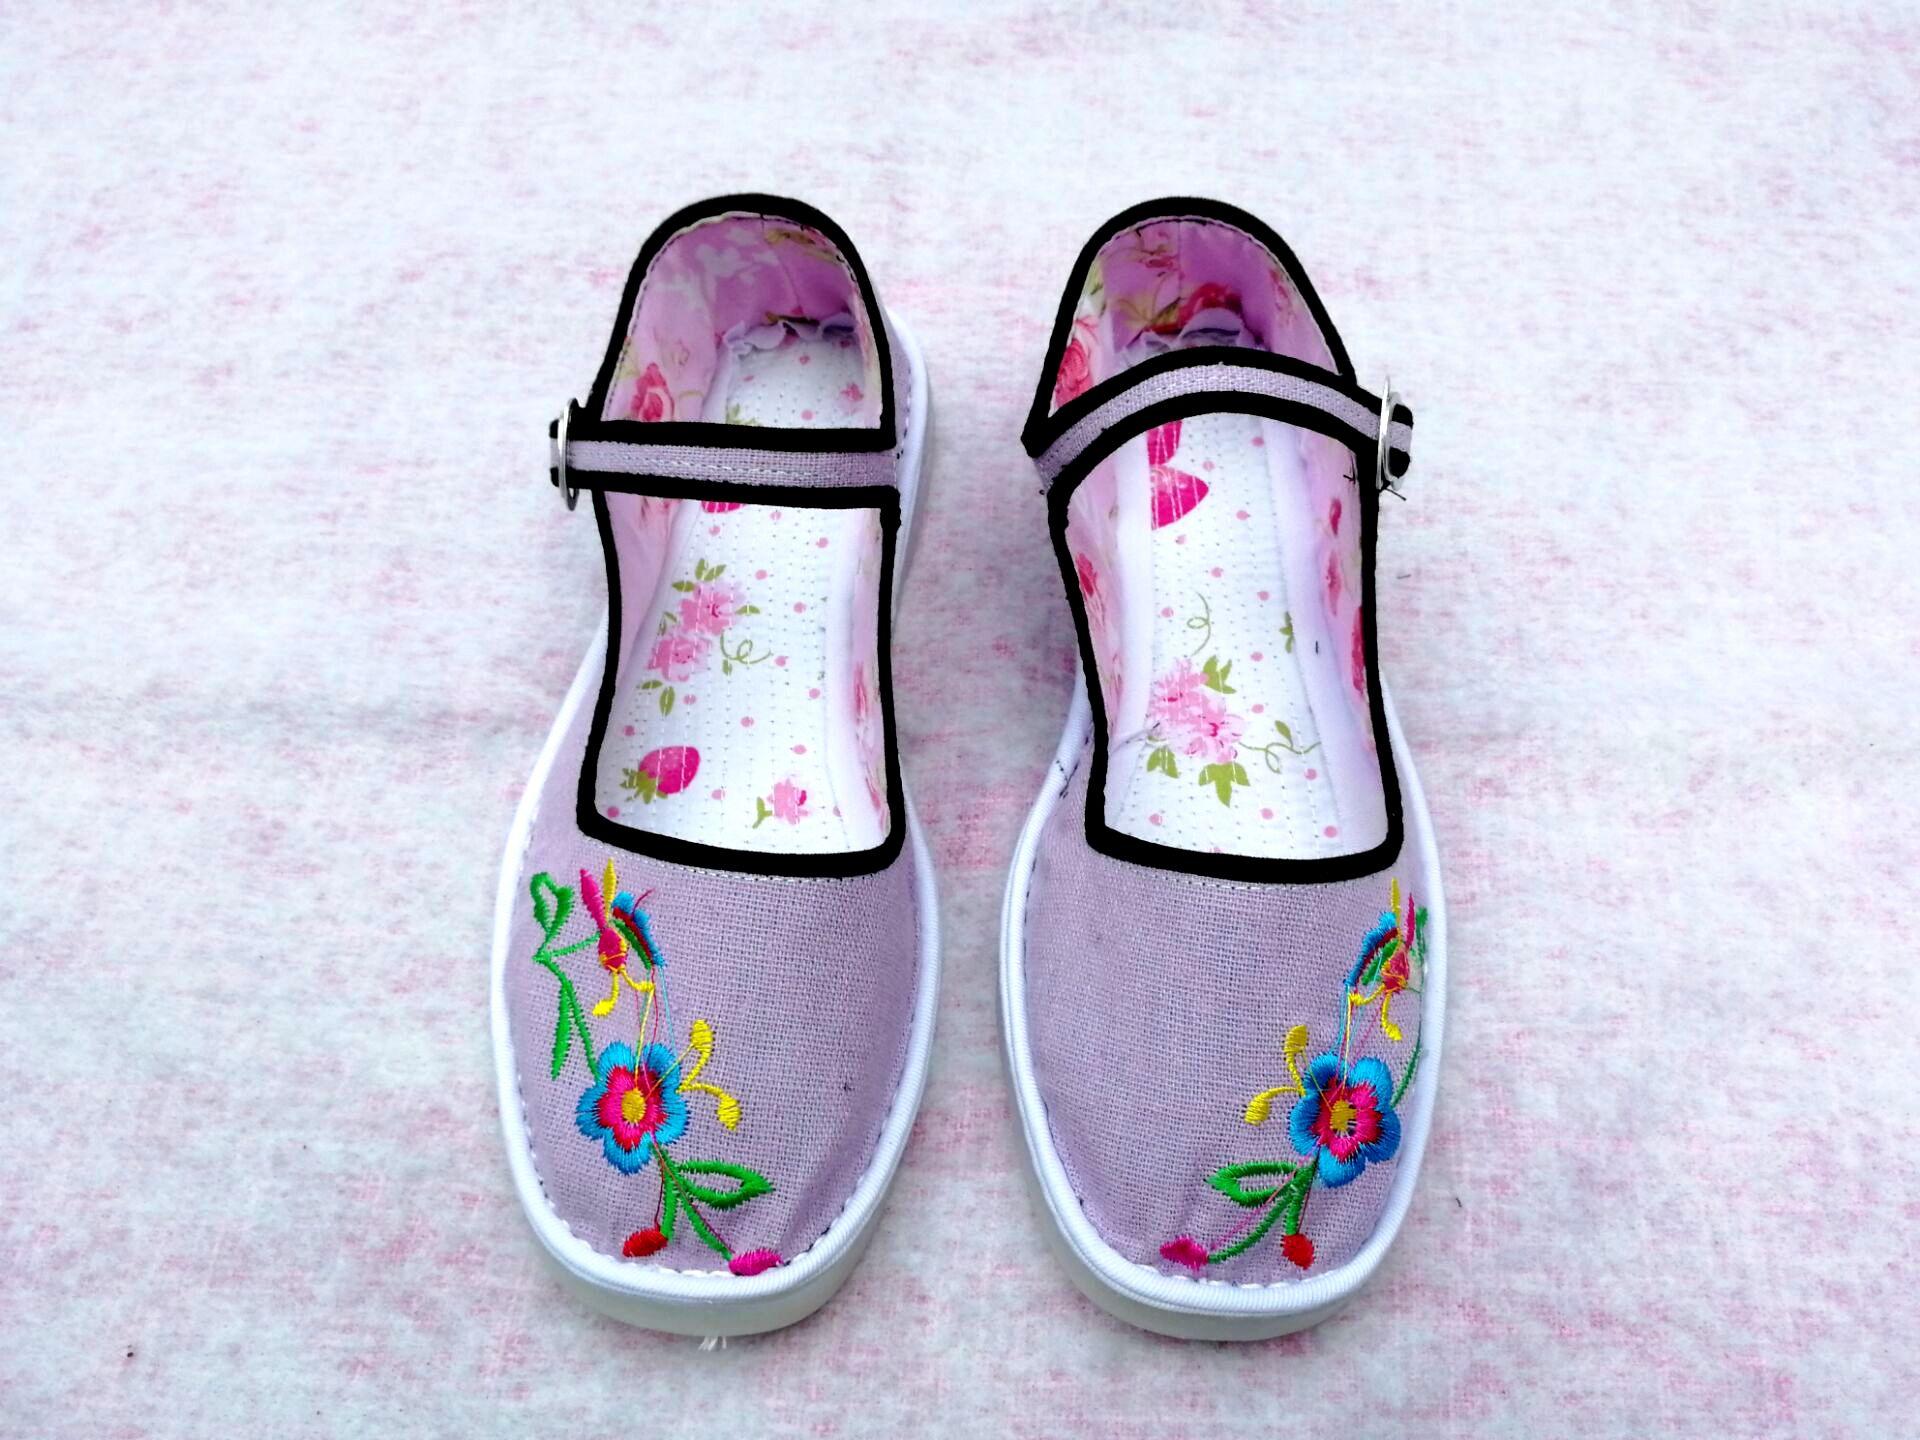 紫色平底鞋 春秋绣花女布鞋紫色浅口低帮单鞋扣带休闲居家鞋塑料平底定制包邮_推荐淘宝好看的紫色平底鞋